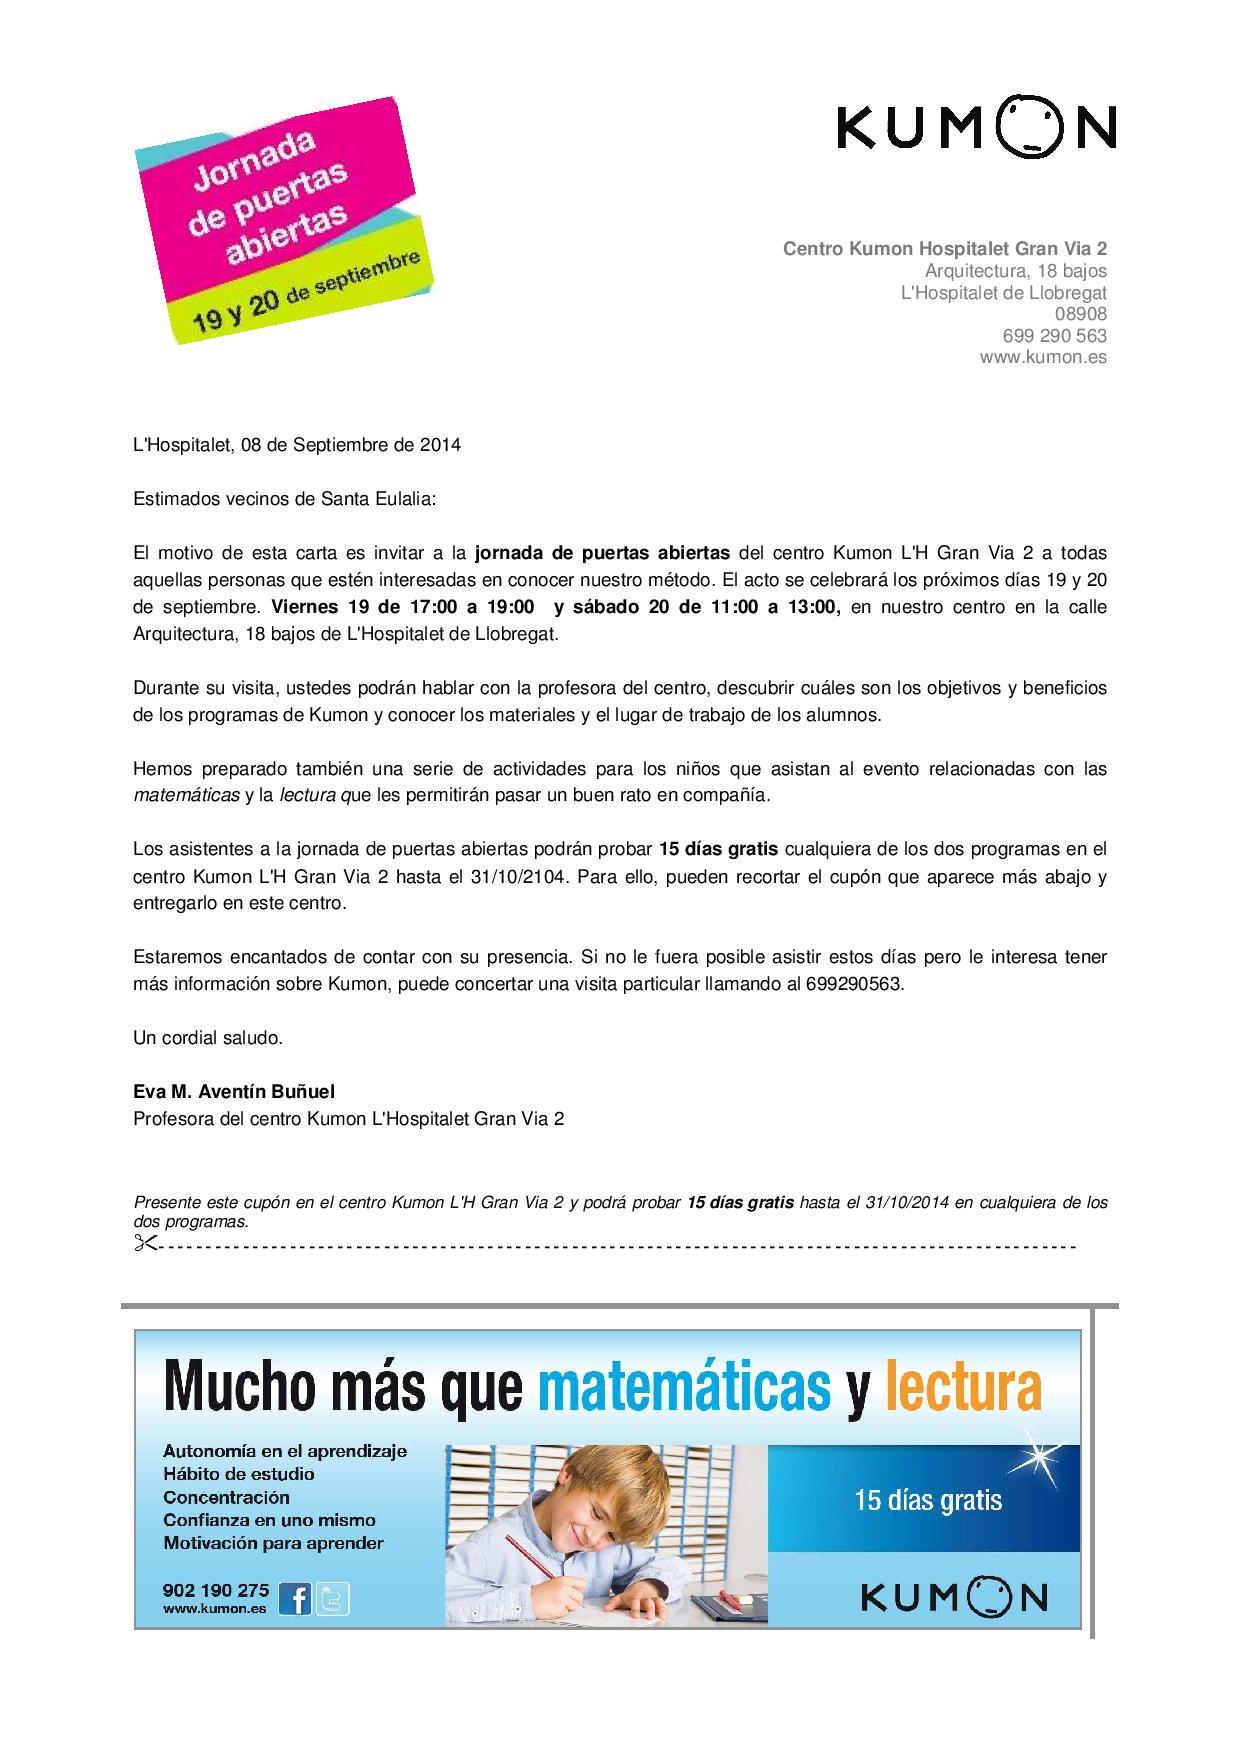 Carta_invitacion KUMON Sta Eulalia-page-001